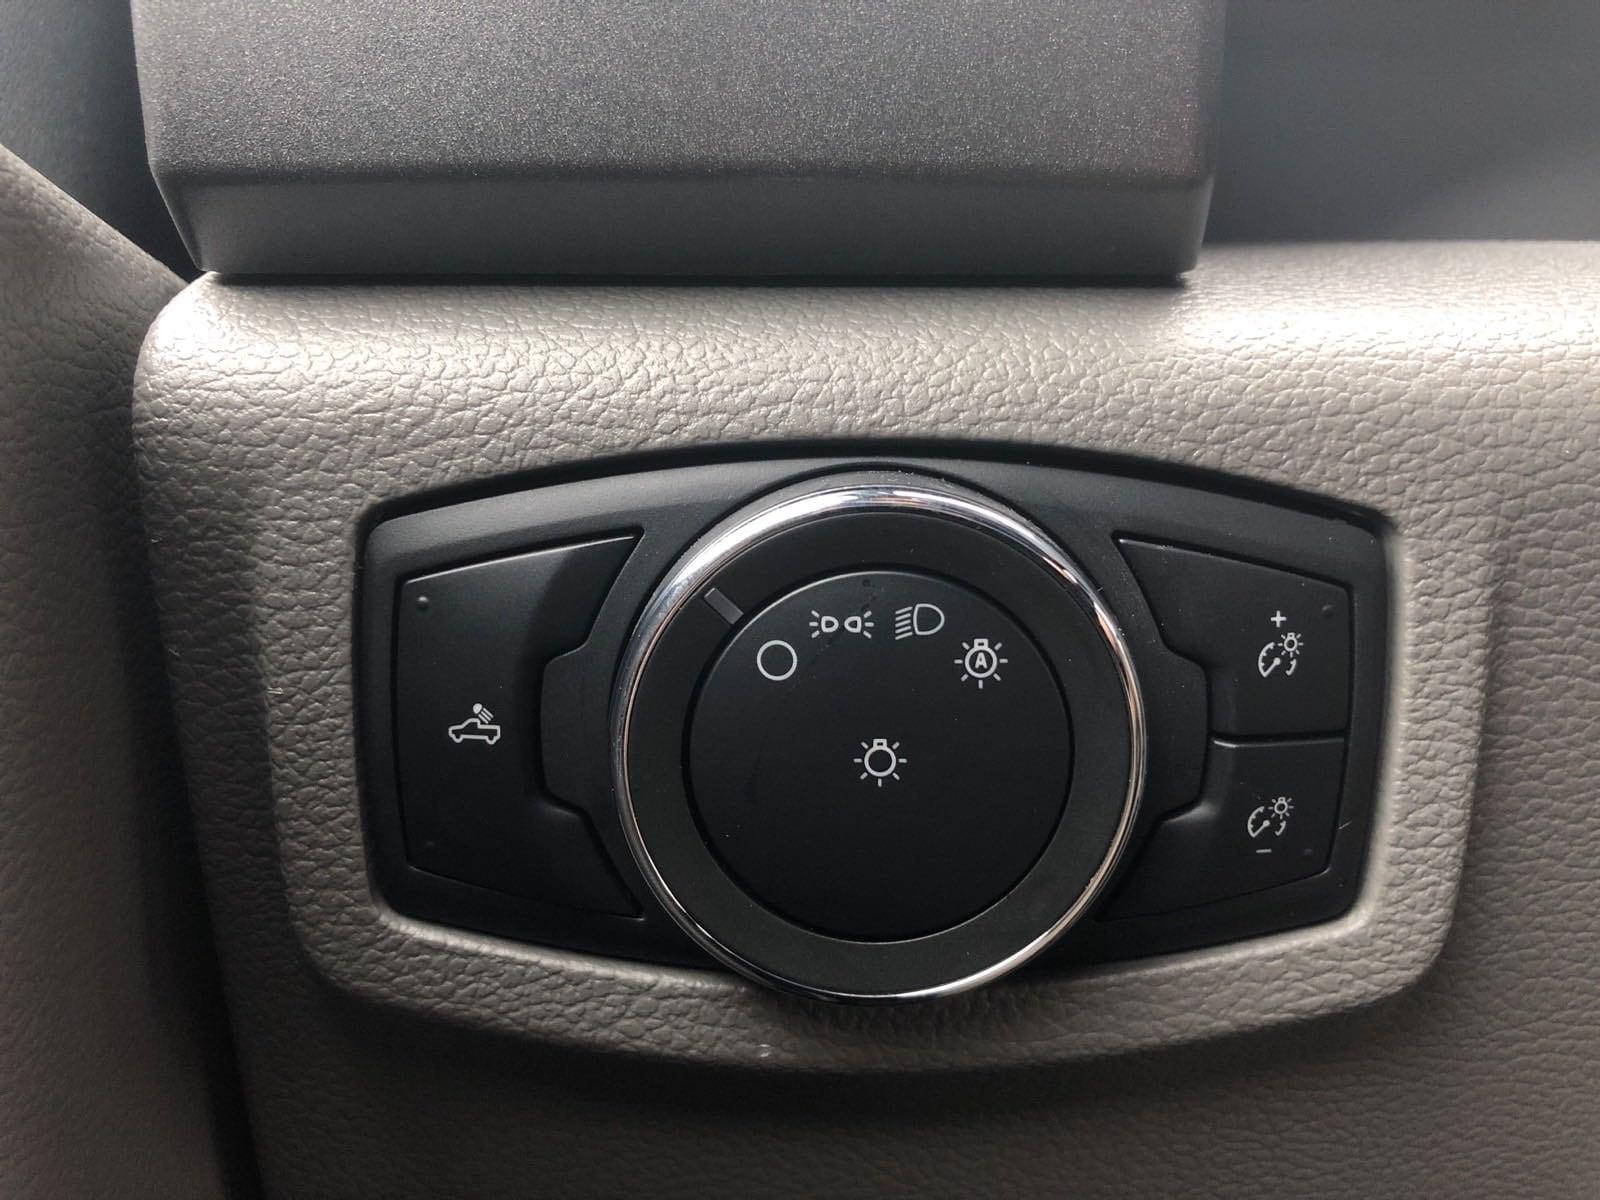 2019 F-550 Super Cab DRW 4x4, Contractor Body #299961 - photo 25